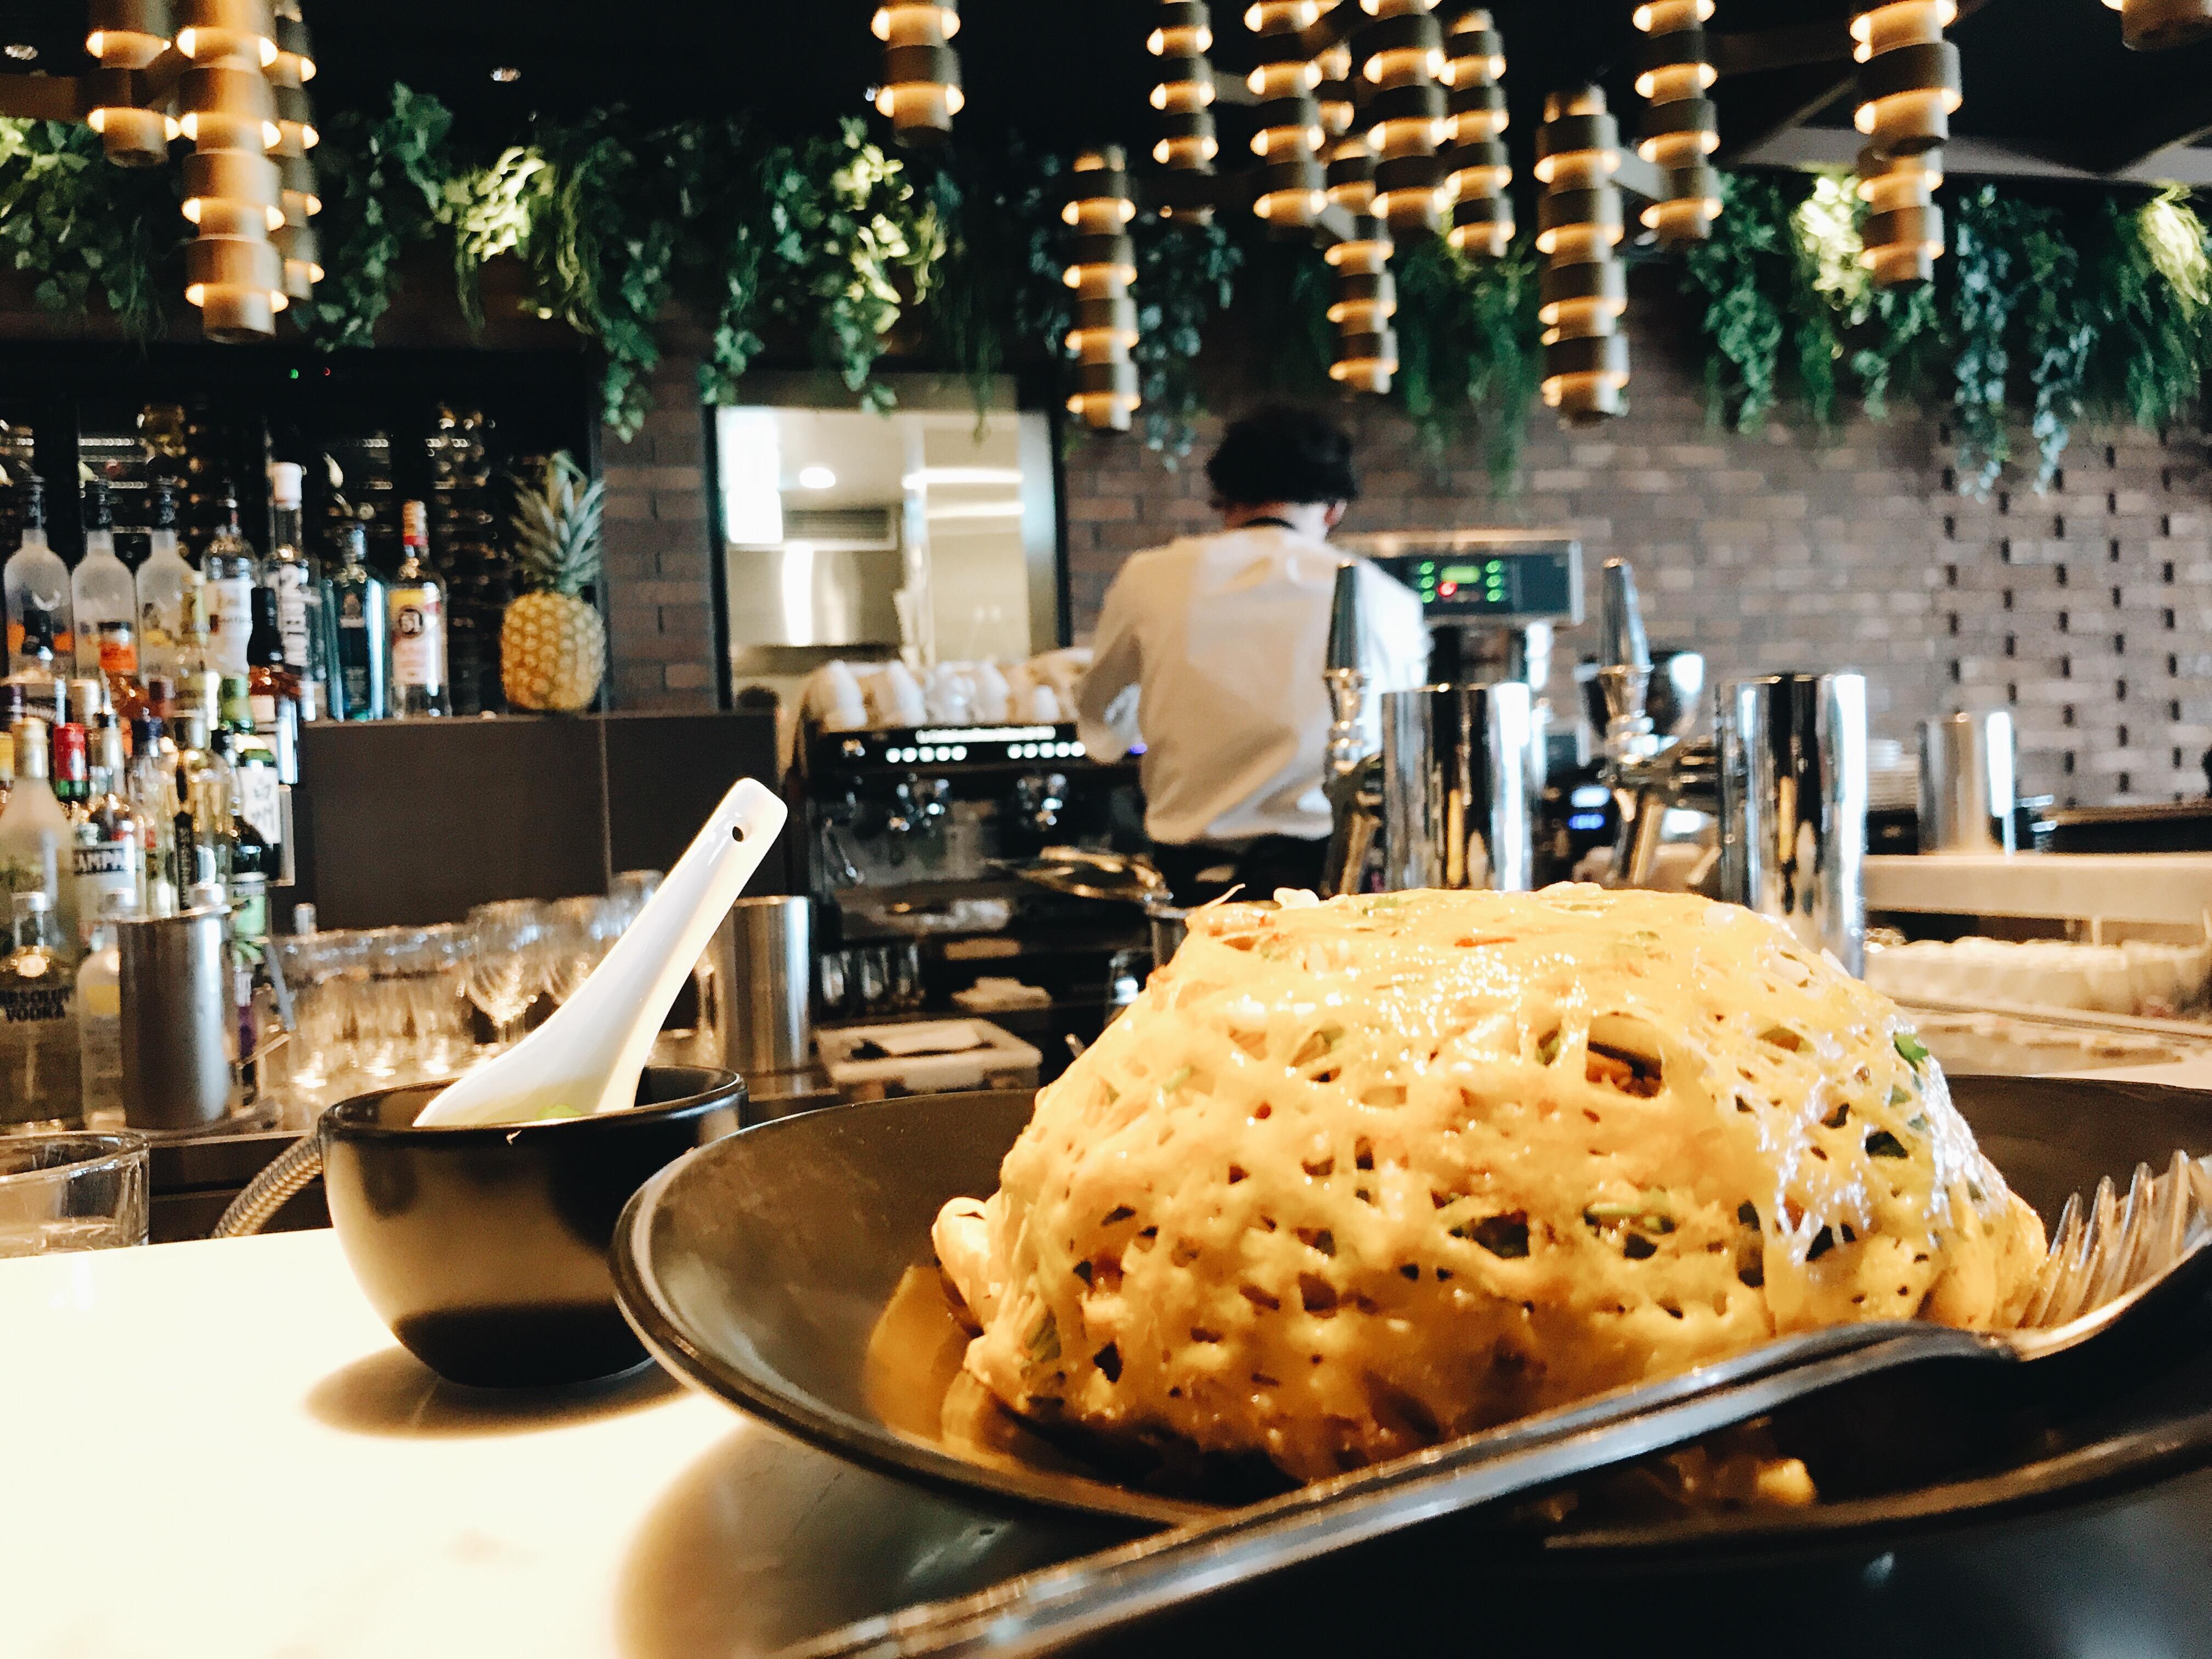 f8856c8a 05d7 40af be60 491cce78bbb3 1 - Longrain - Top of Ebisuで堪能するシドニー発のモダンタイ料理